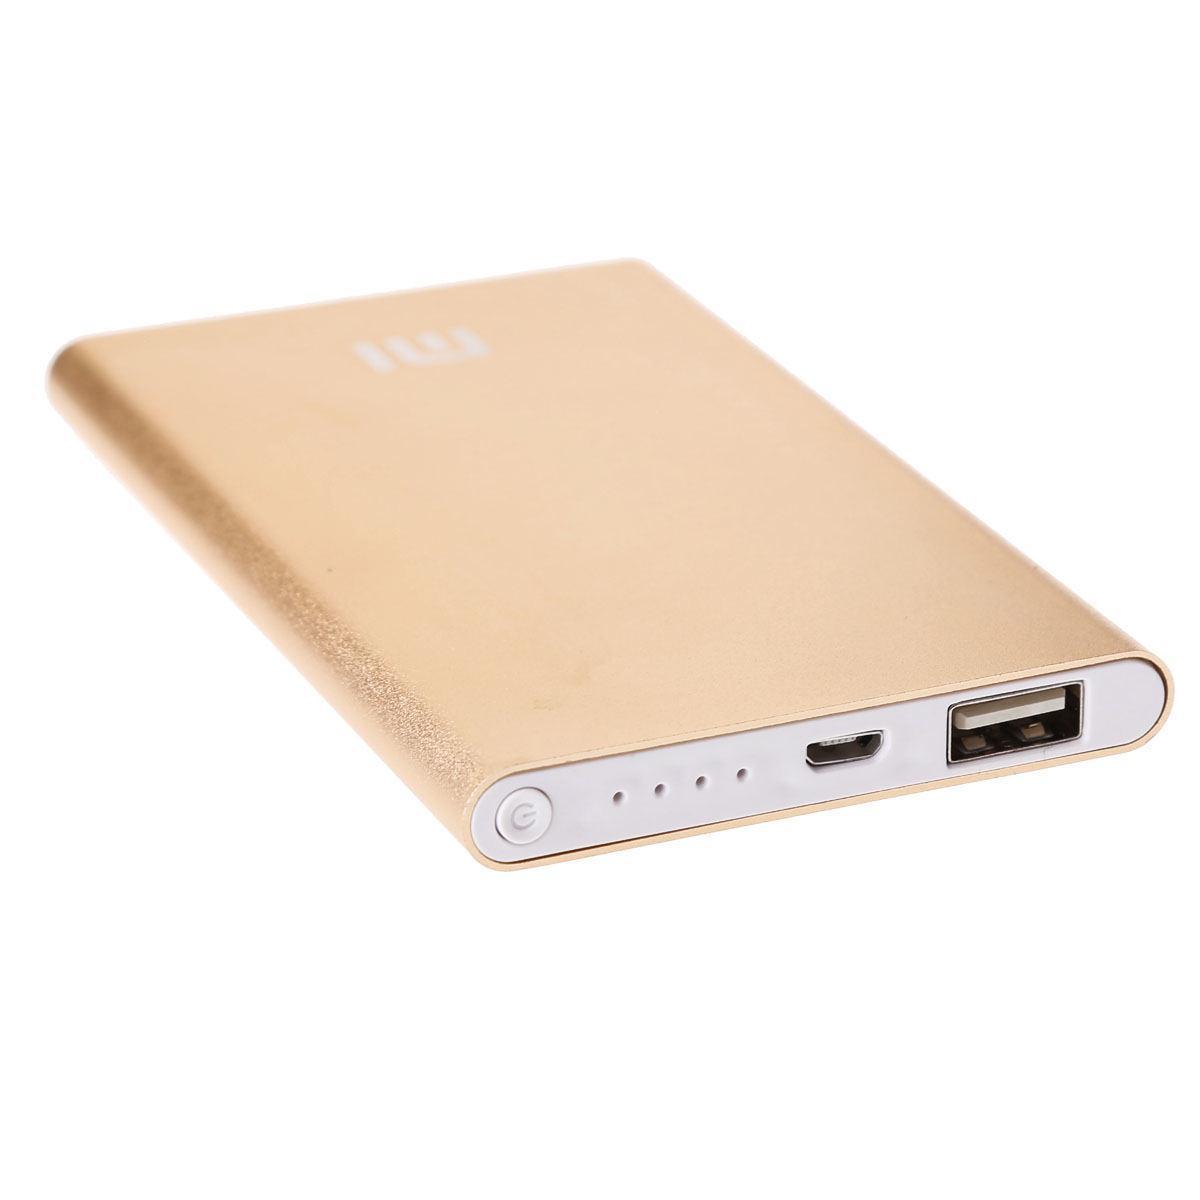 Зовнішній акумулятор Power bank Xiaomi 10000 mAh Gold